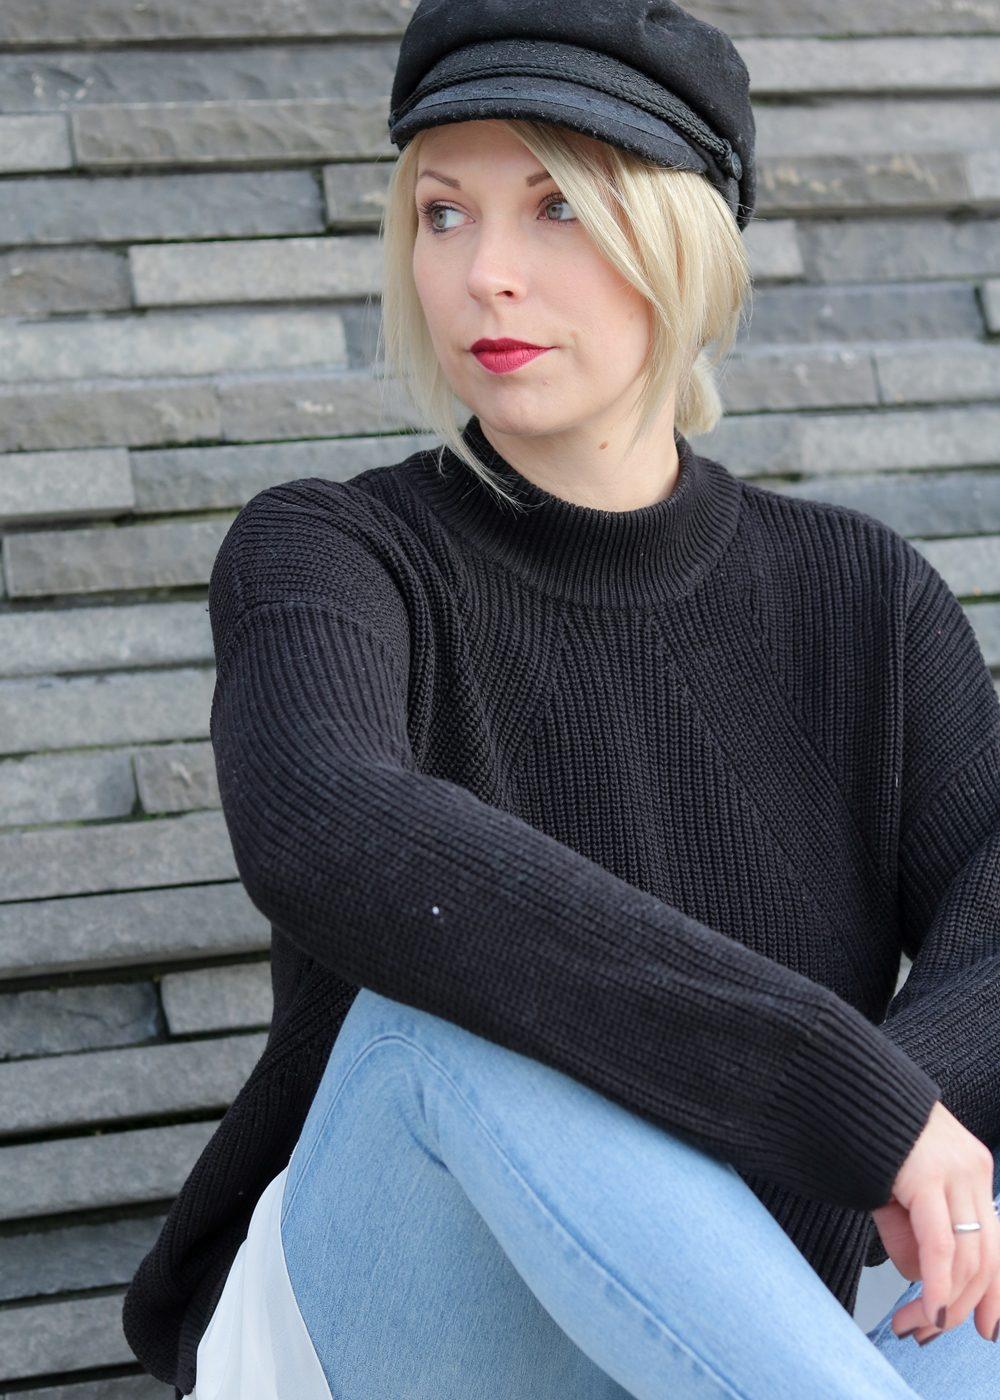 modeblogger-karlsruhe-outfit-herbst-kleid-vero-moda-rostrot-schwarzer-mantel-overknees-hut-18-von-29